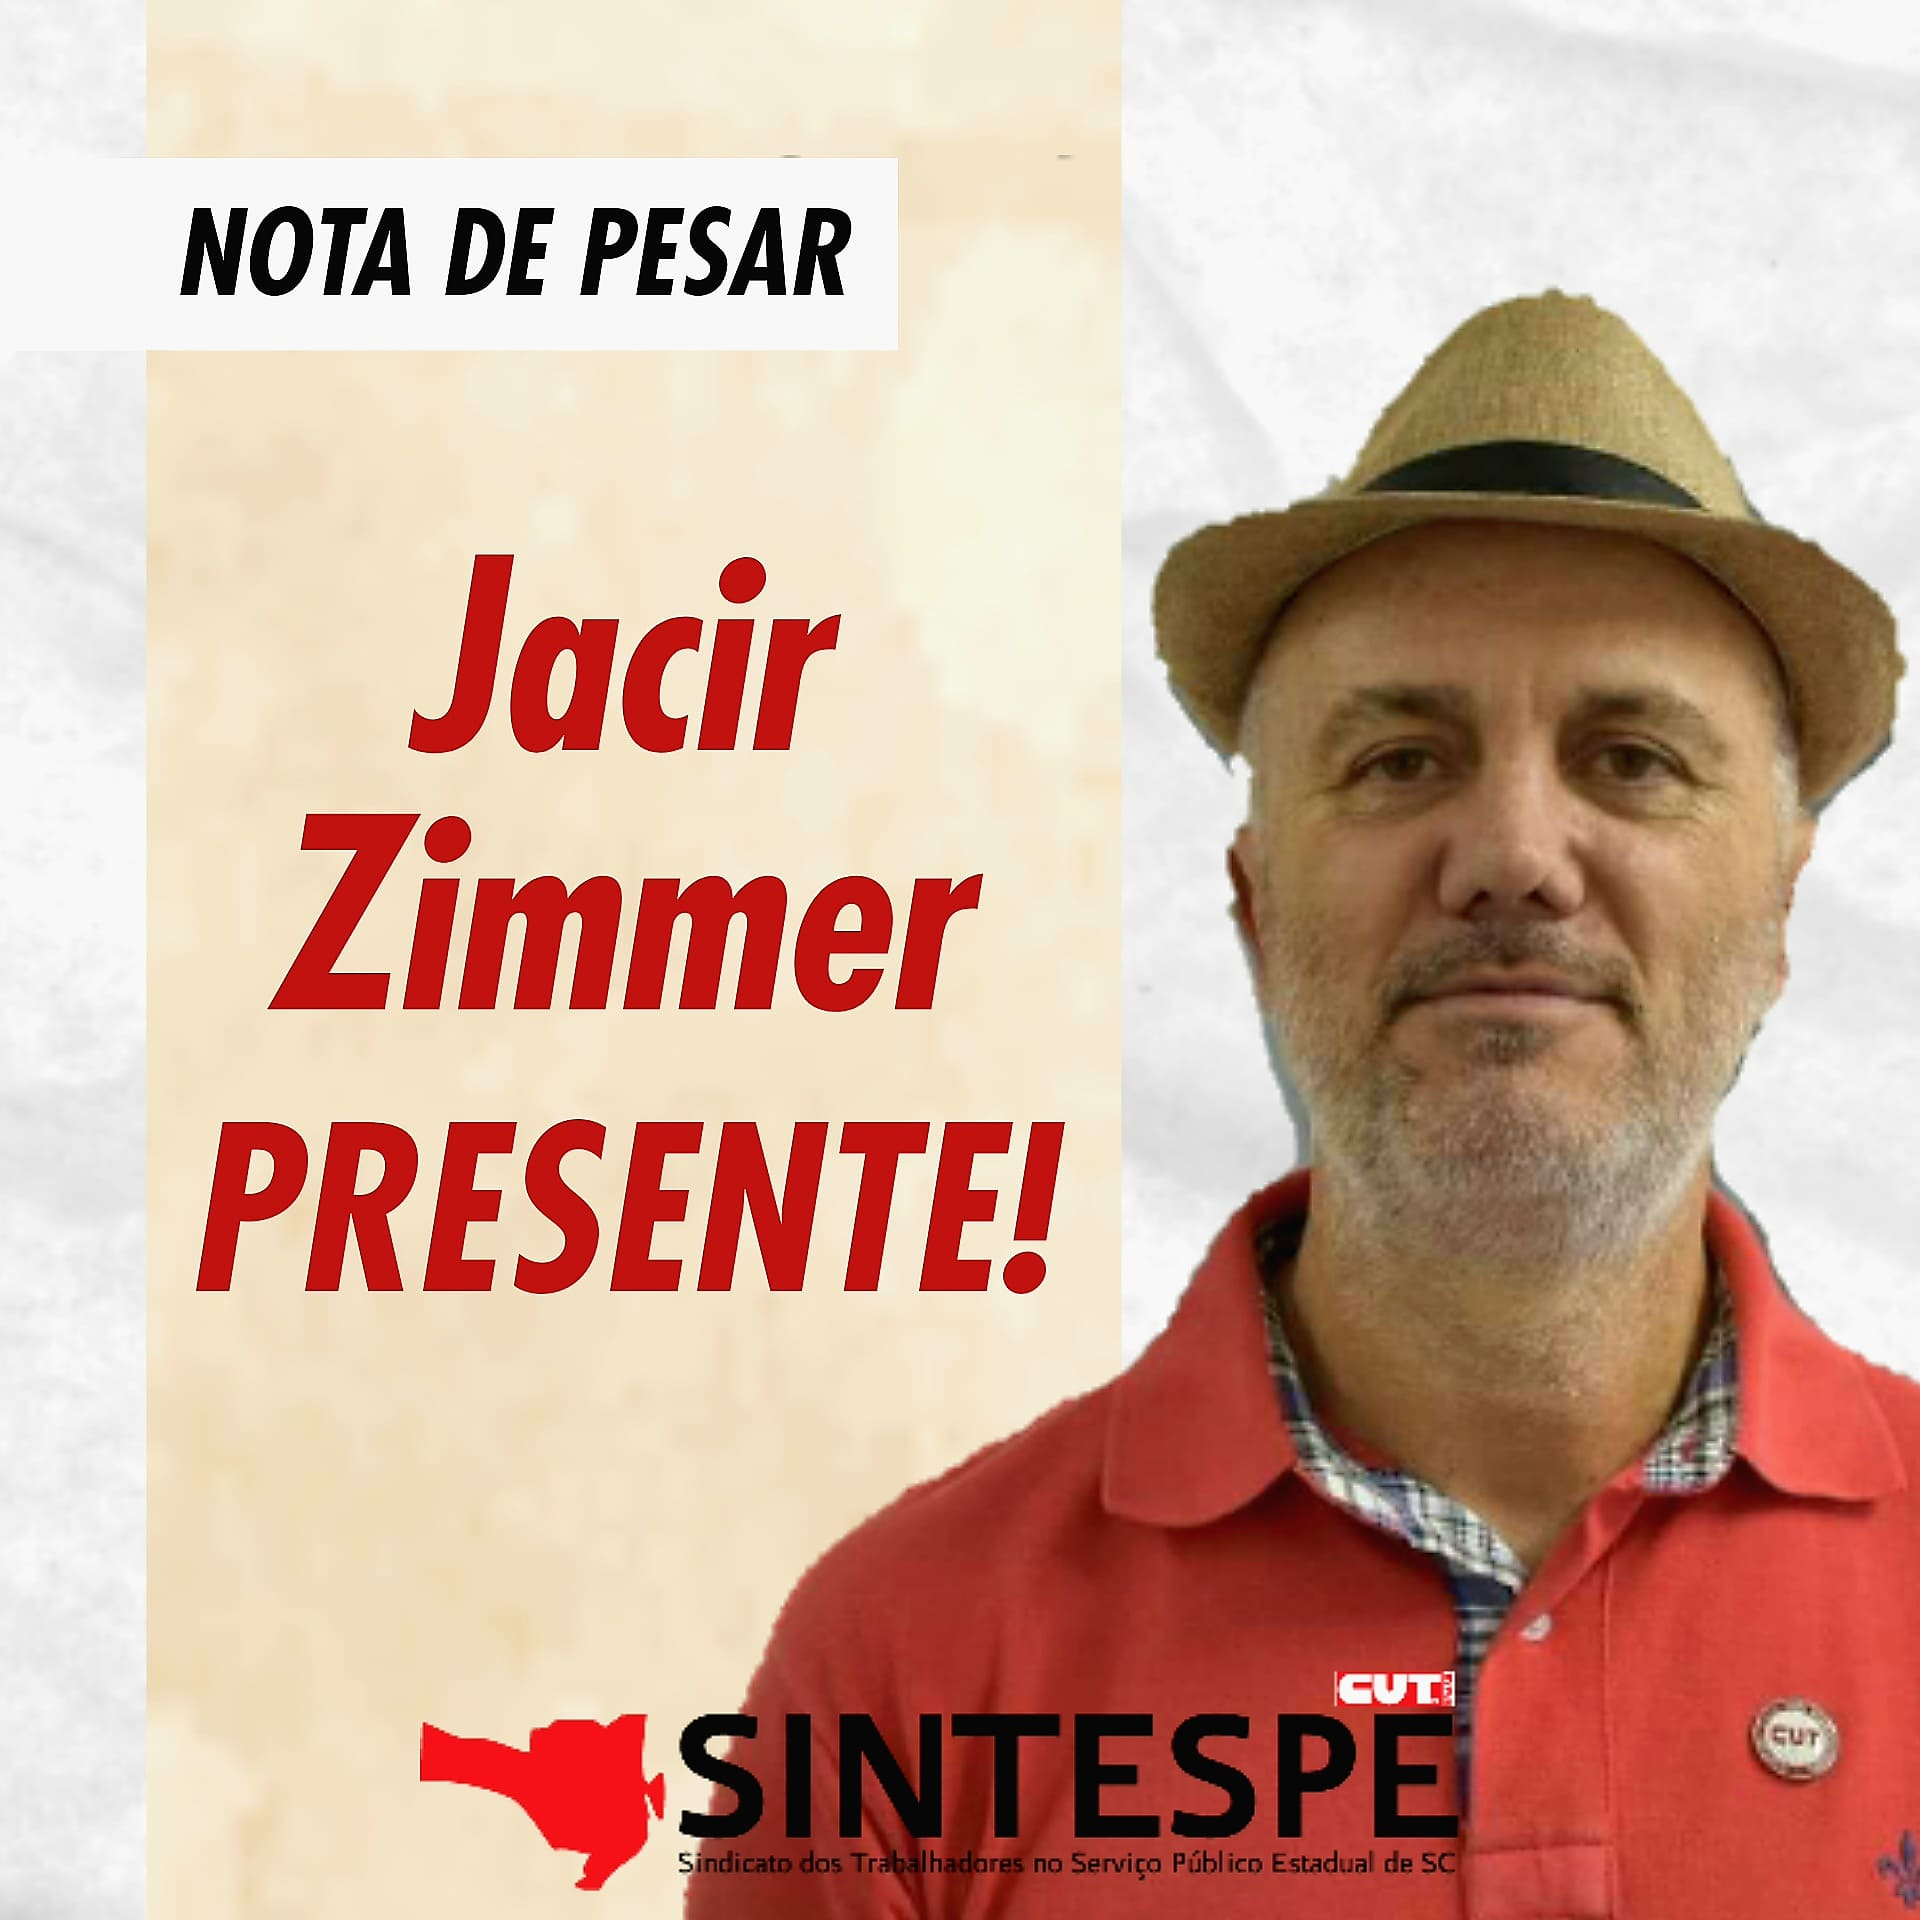 Nota de pesar: Jacir Zimmer